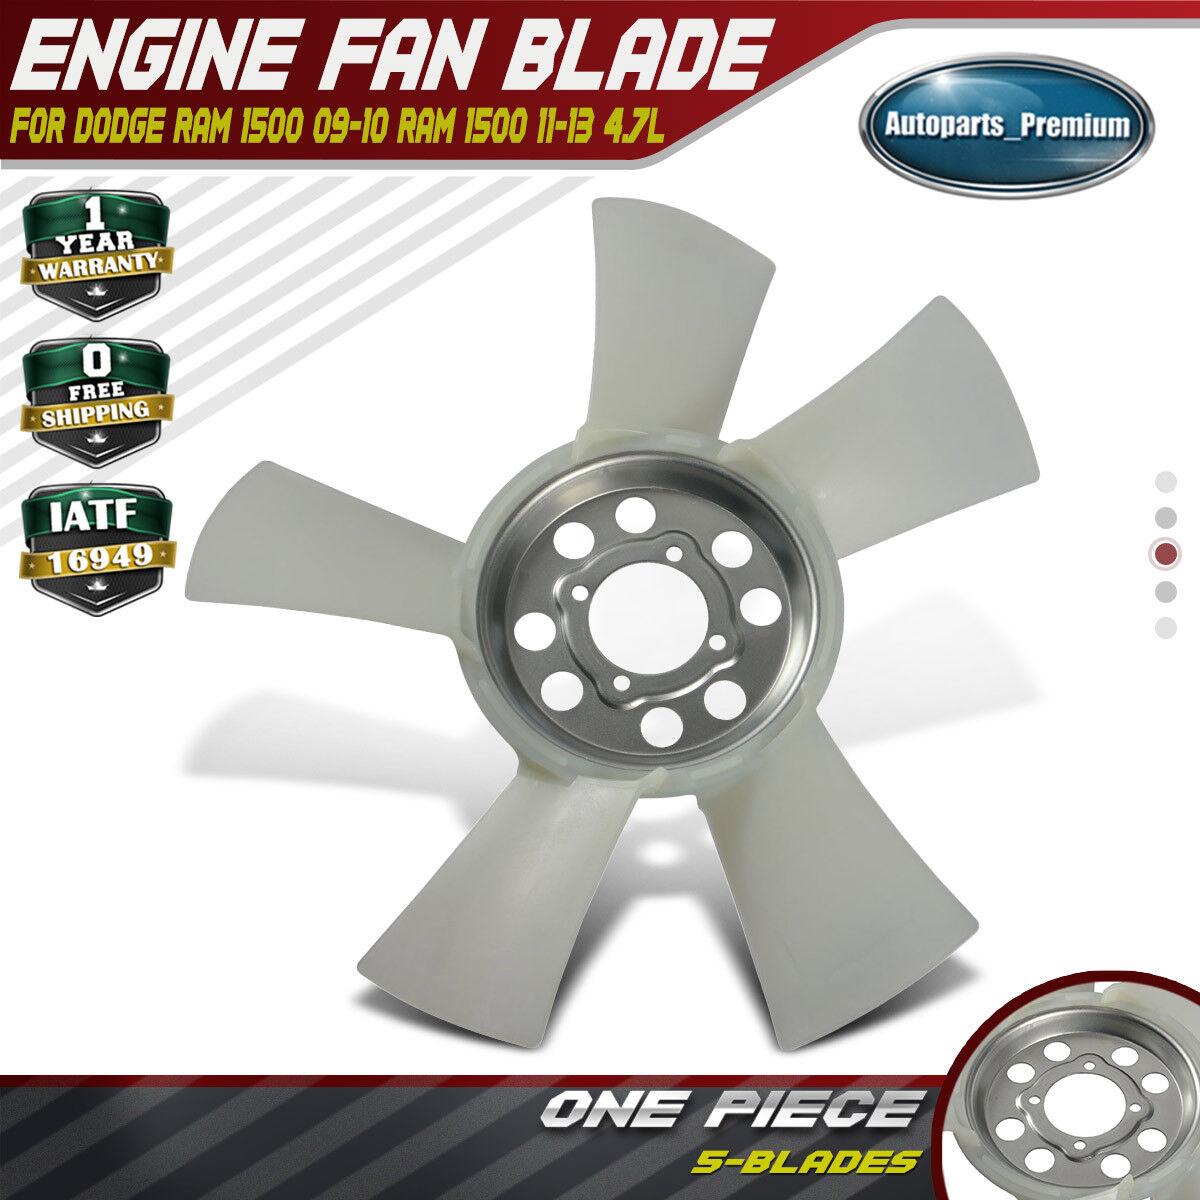 Engine Cooling Fan Blade for Dodge Ram 1500 2009-2010 Ram 1500 2011-2013 620-056